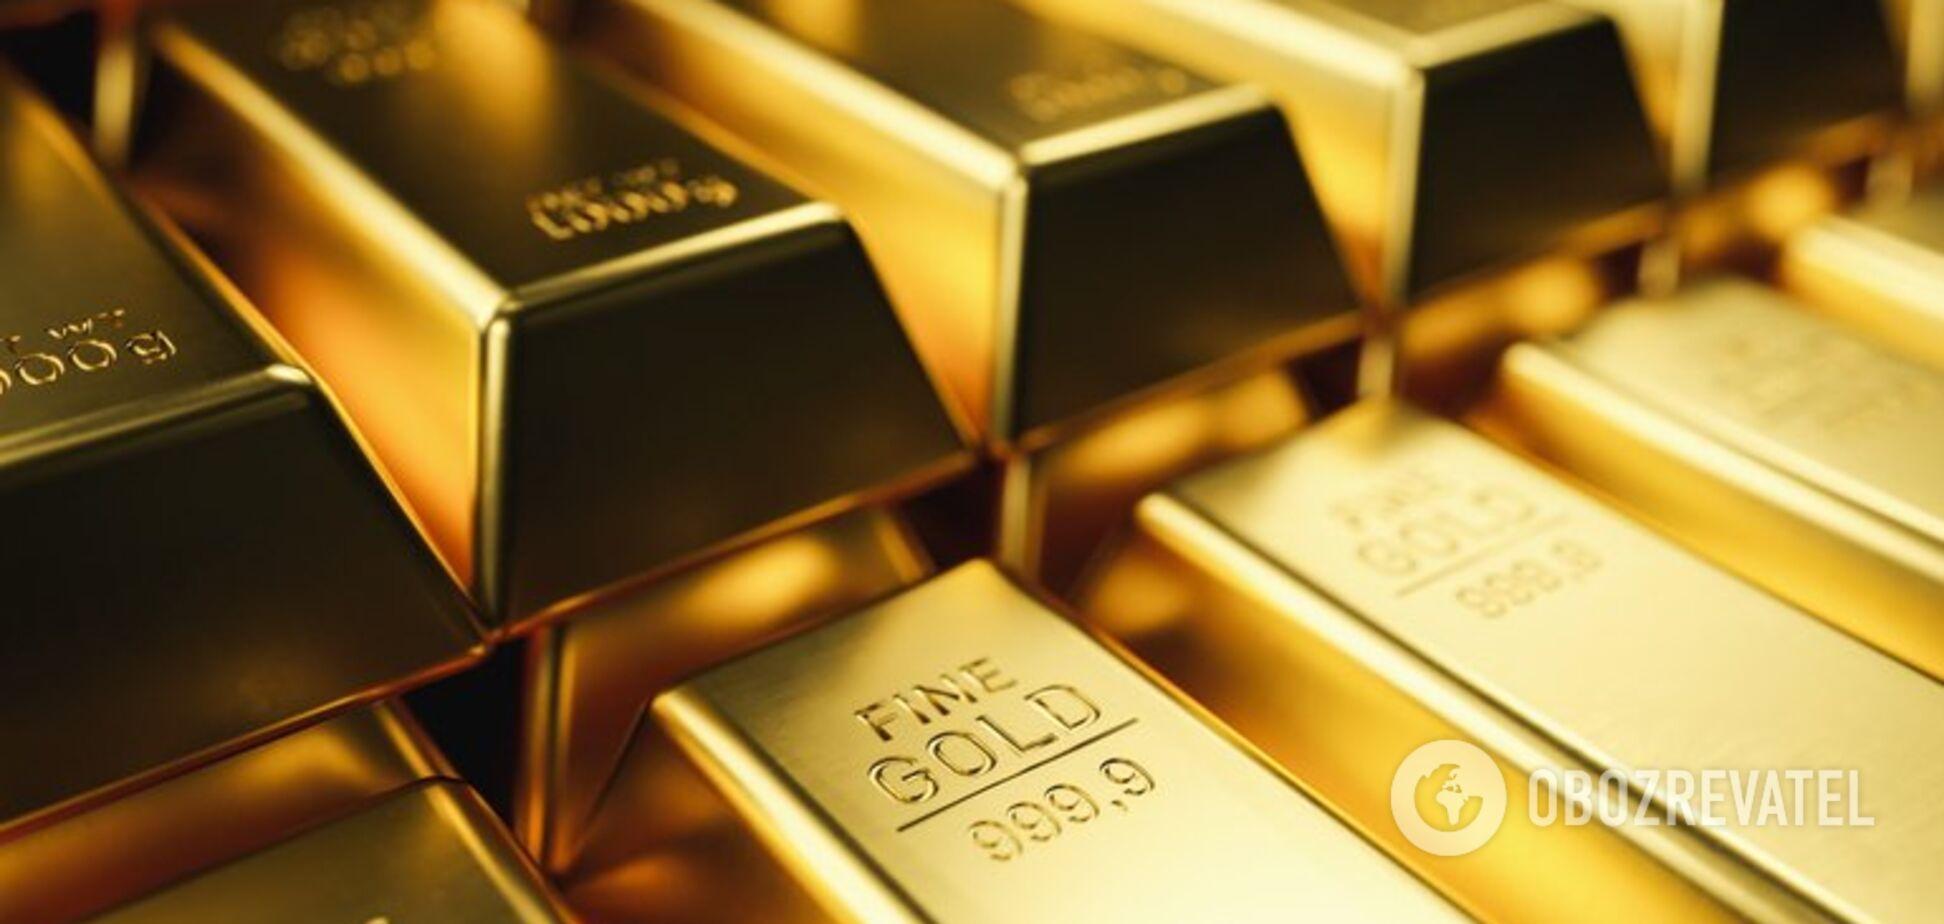 Рекорд за 7 років: золото злетіло в ціні після атаки Ірану на бази США